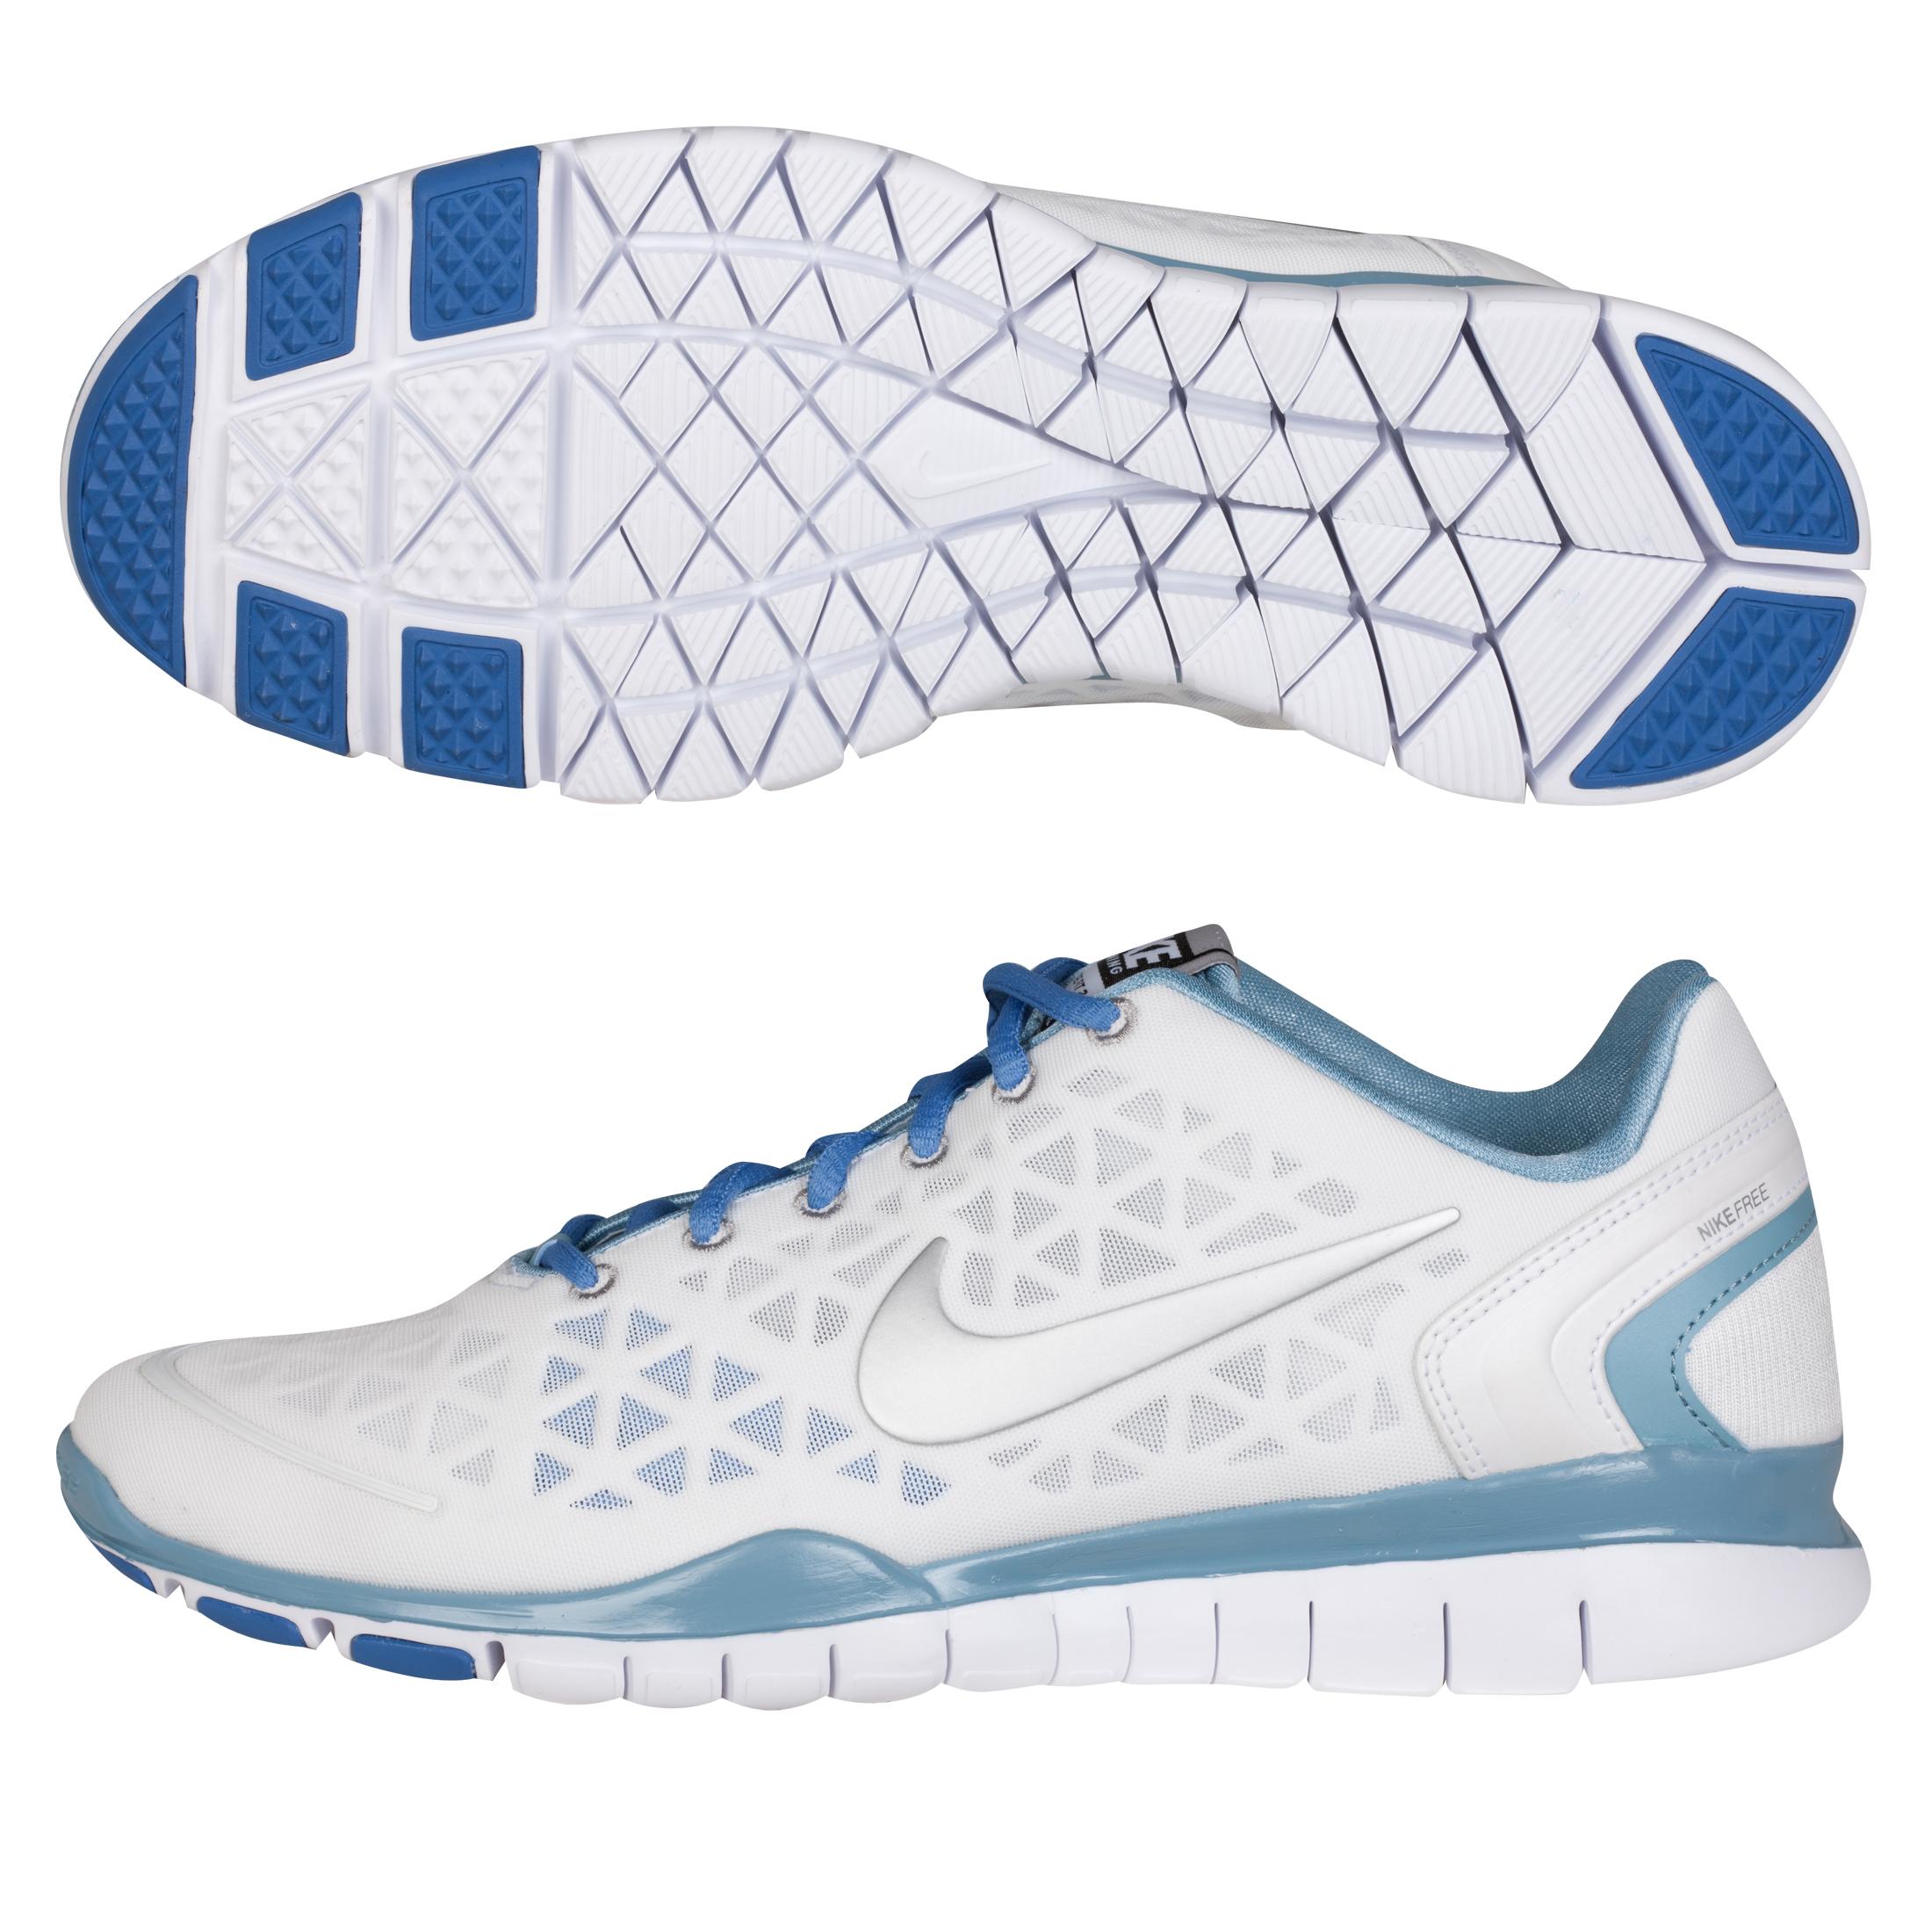 Nike Free Fit 2 Trainer - Wht/Mtllc Slvr-Wrn Bl-Lk - Womens